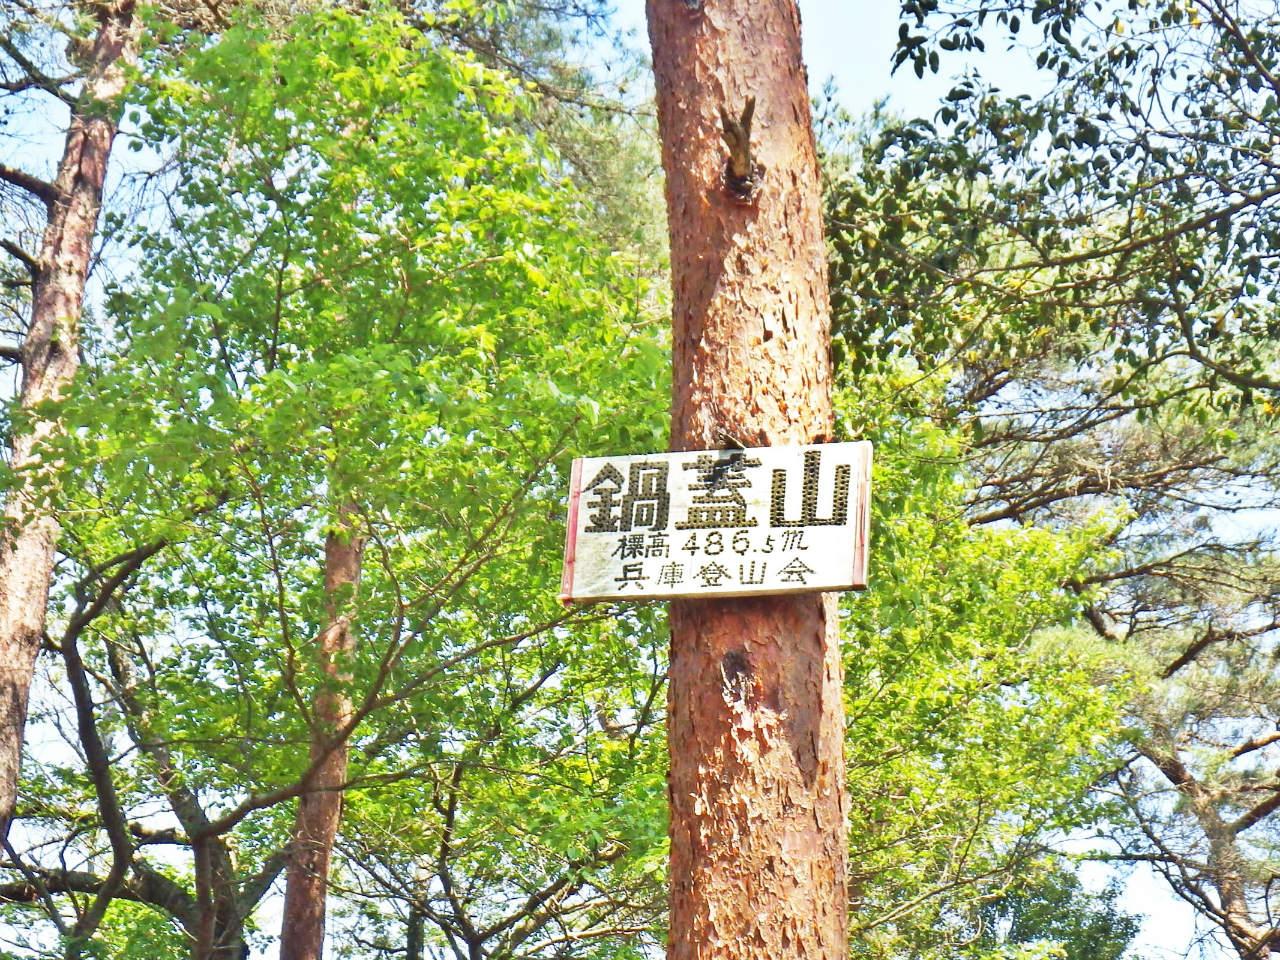 15b 樹上の山頂標識